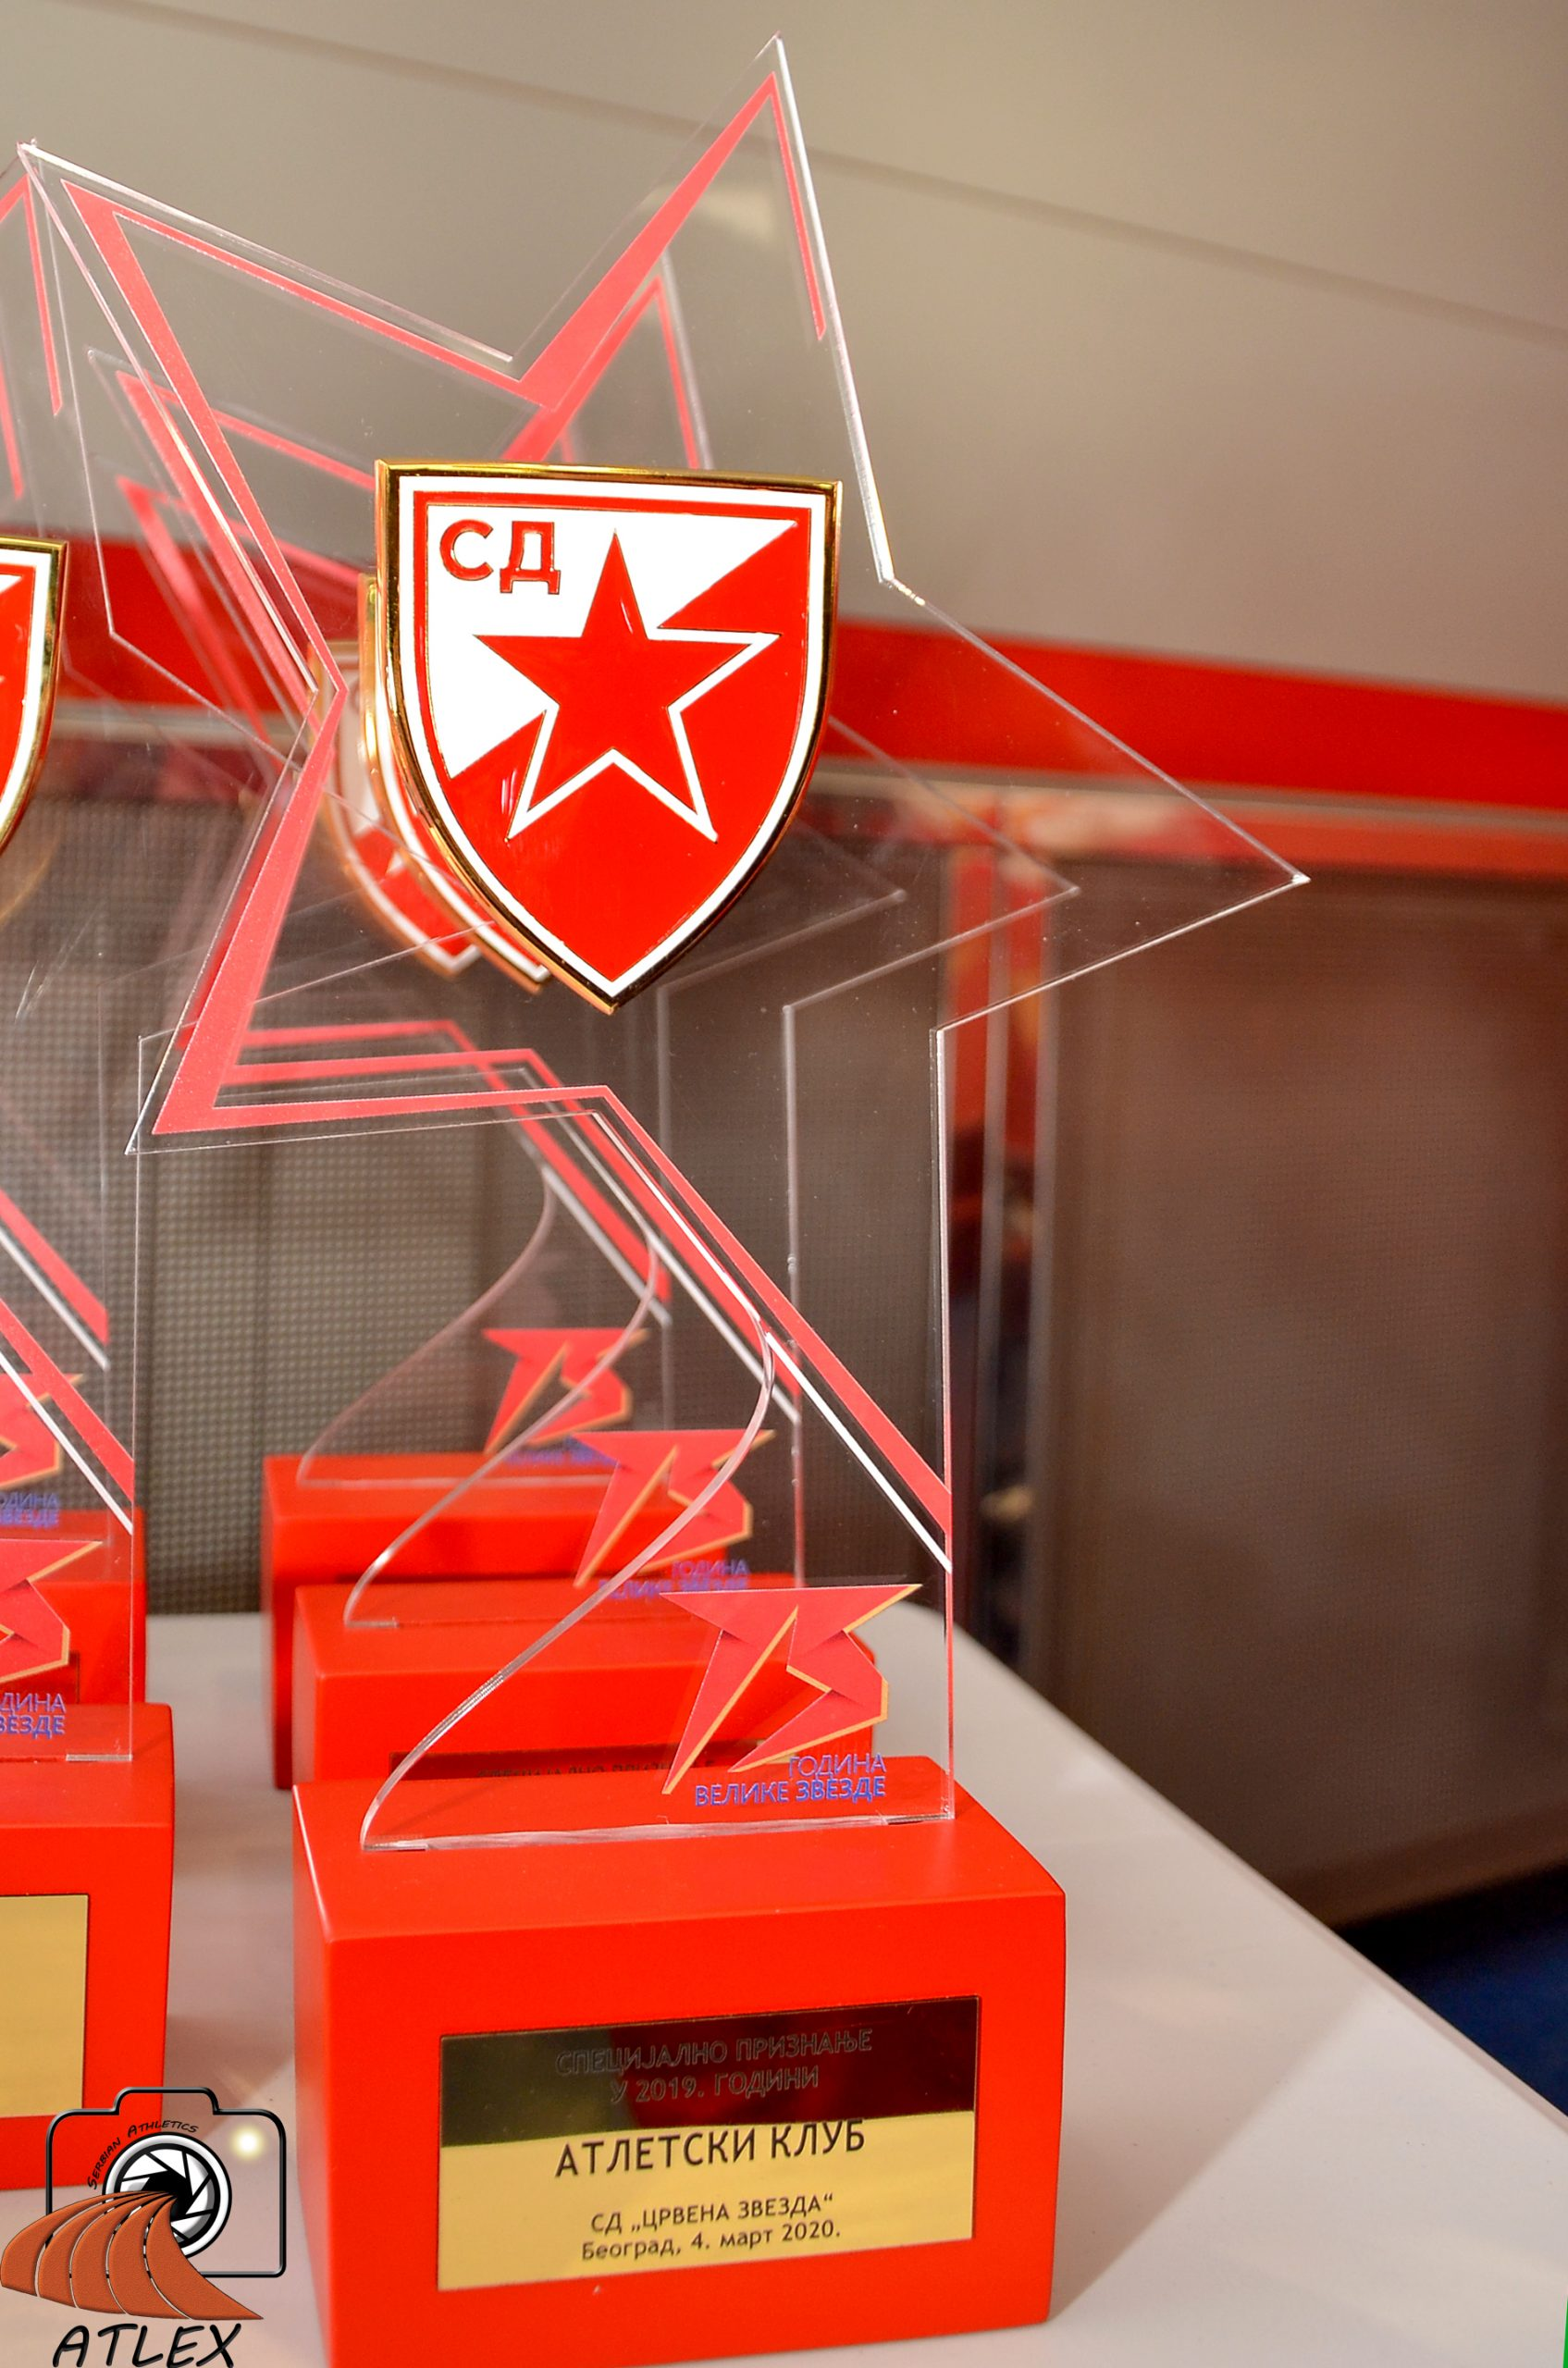 AK Crvena zvezda, specijalno priznanje, 75. rođendan SD Crvena zvezda